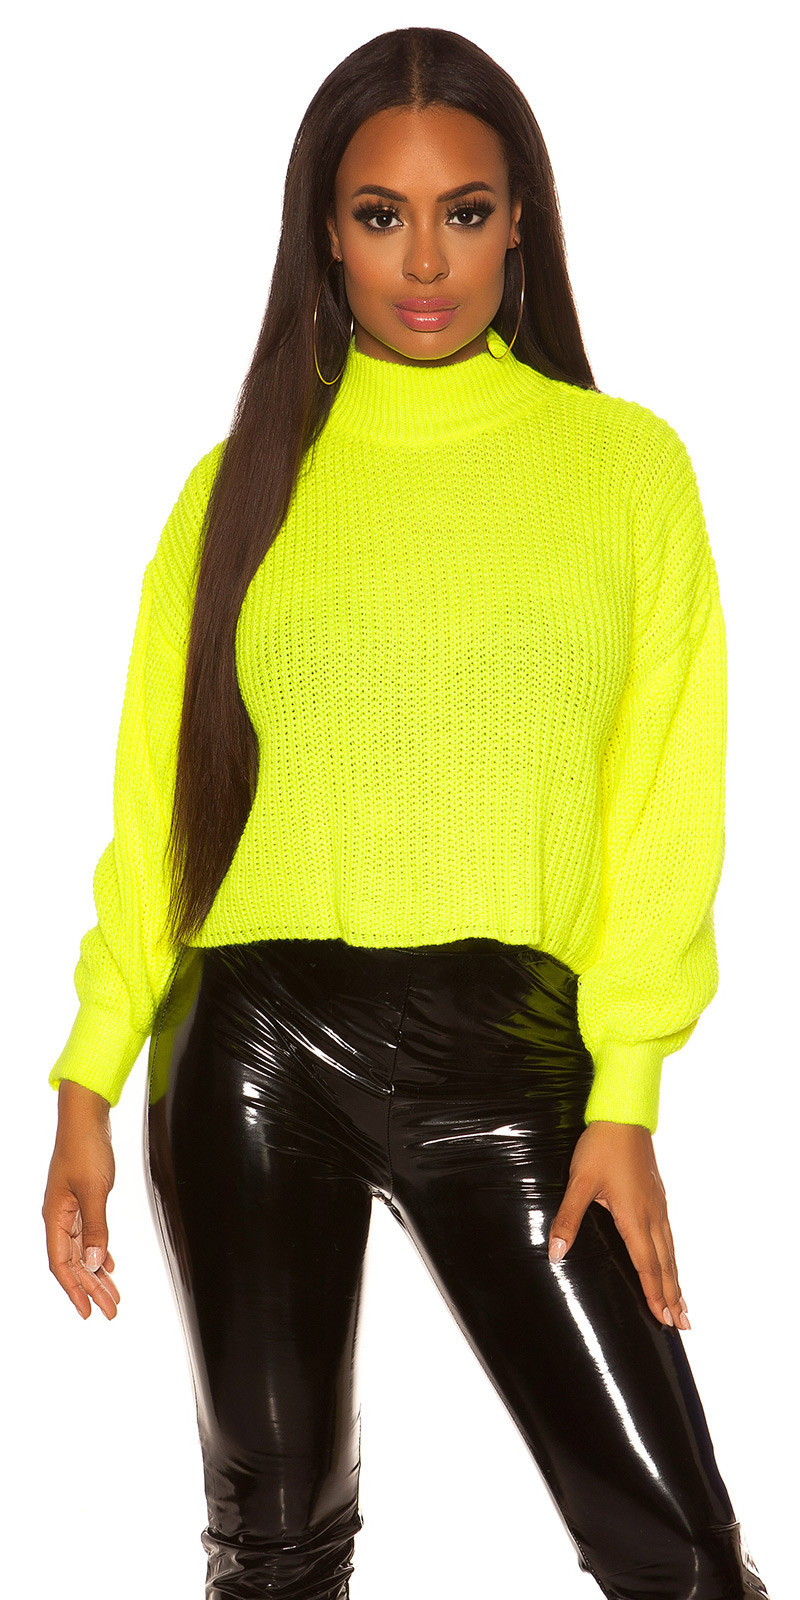 Sexy oversized grof gebreide sweater-trui neongeel